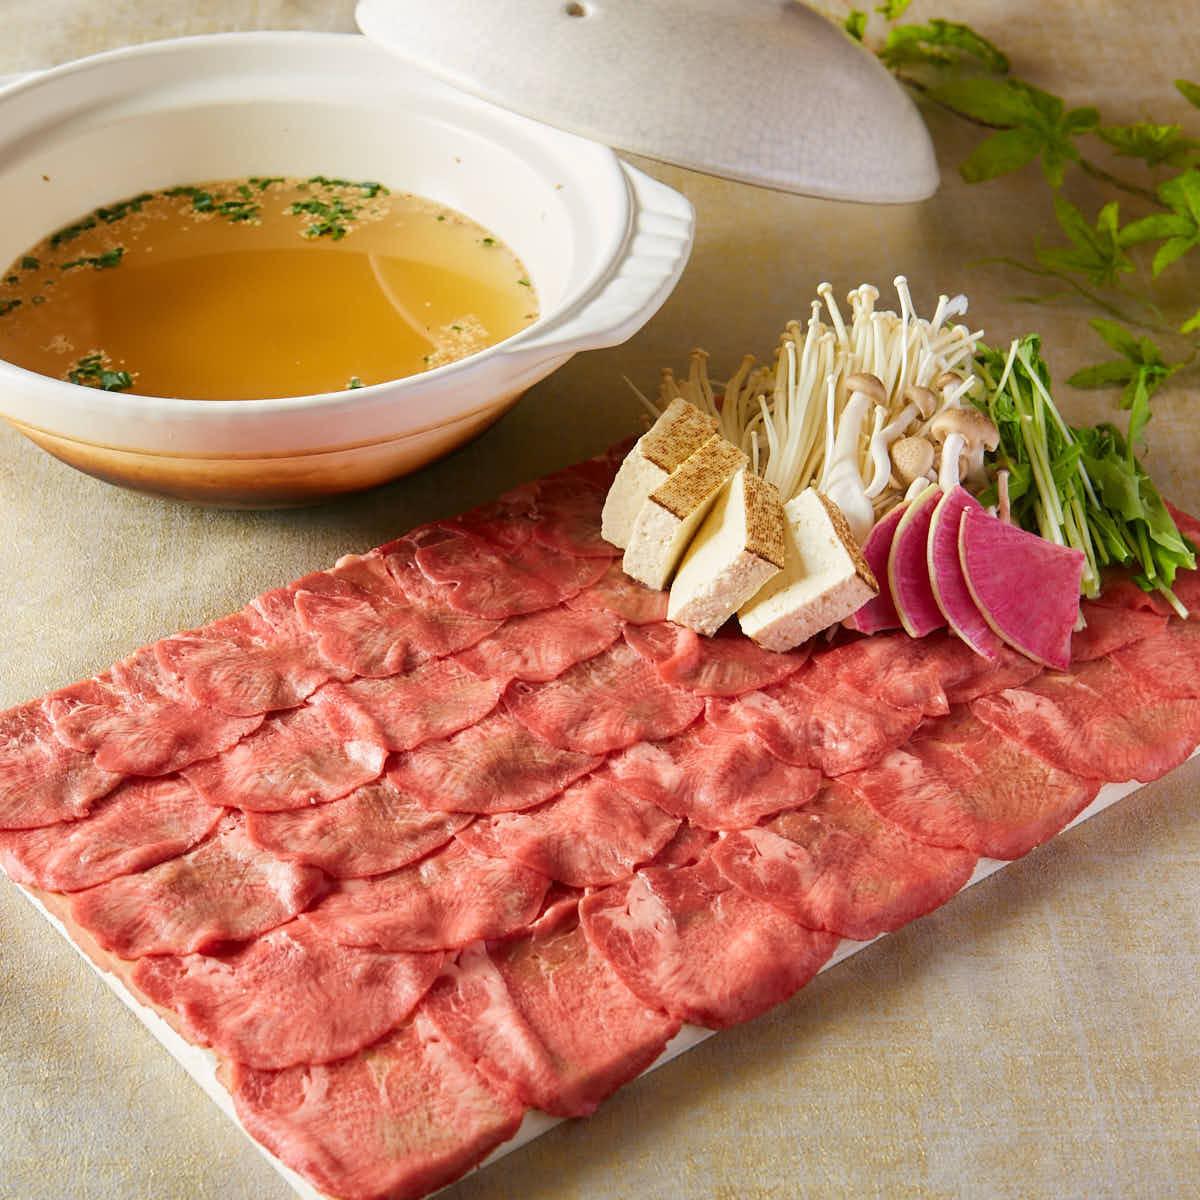 쇠고기 샤브샤브 ~ 소금 국물 or 백탕 국물 ~